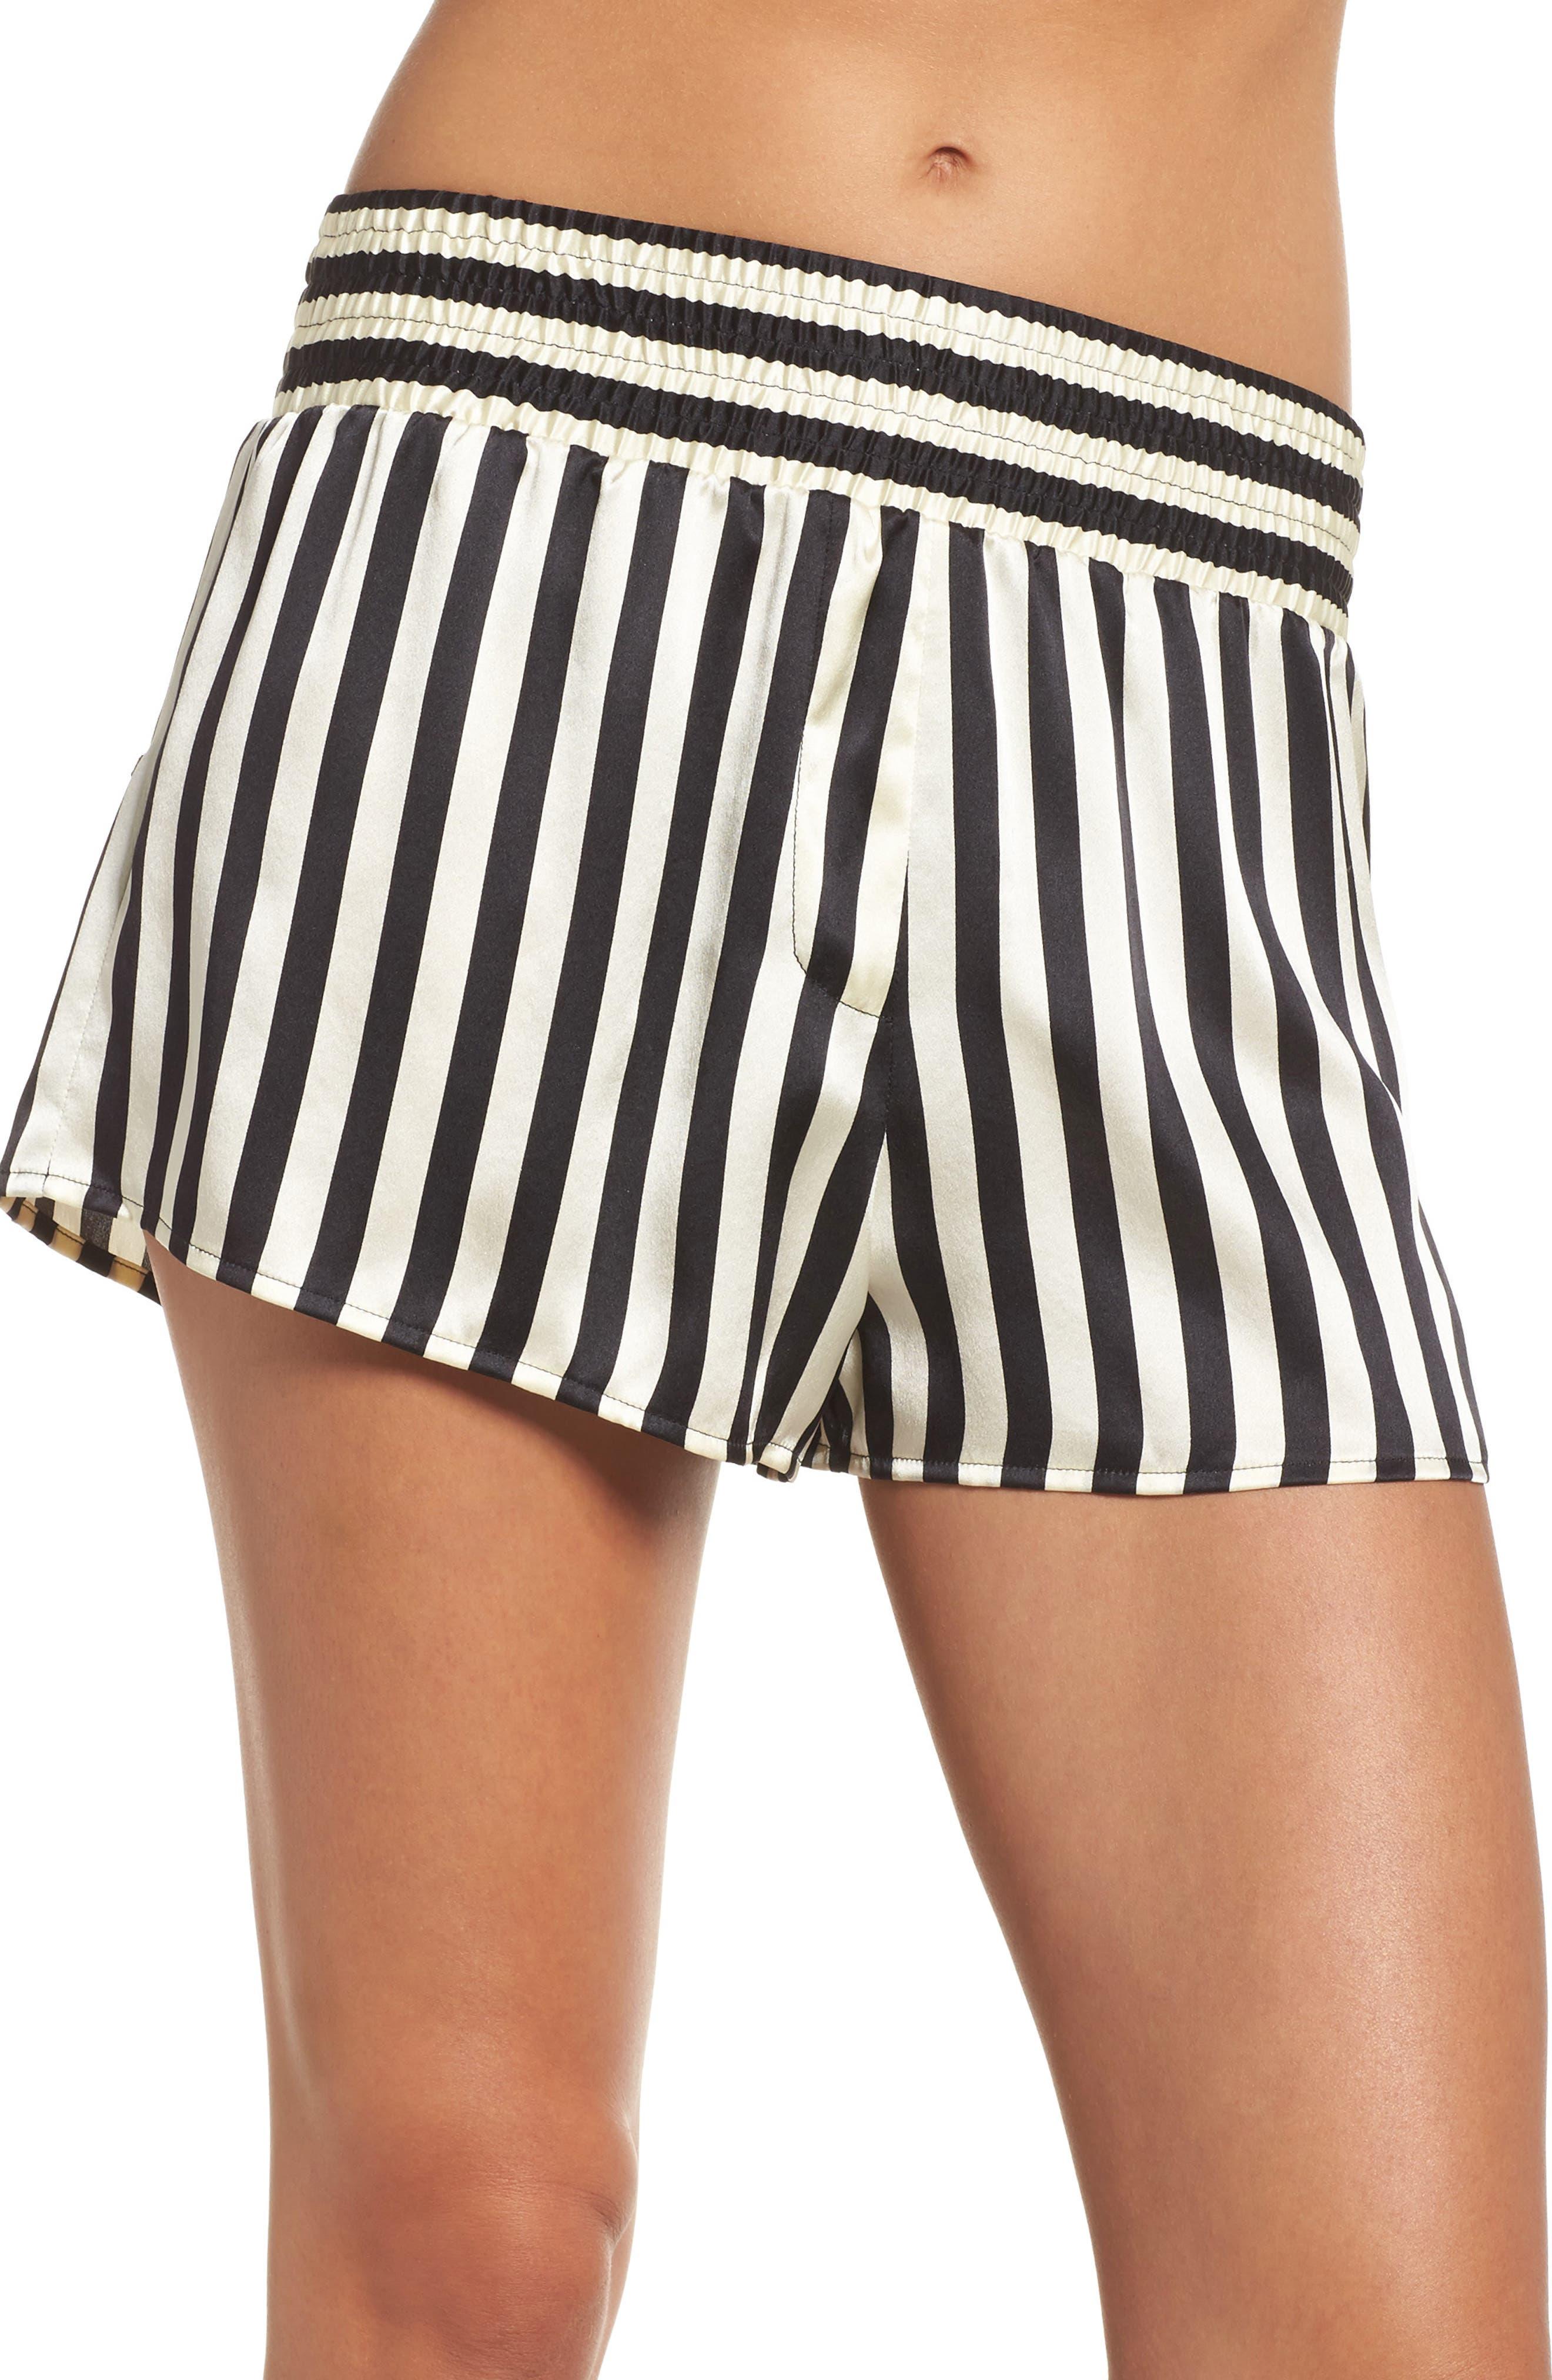 x Amanda Fatherazi Mini Mask Corey Stripe Silk Shorts,                         Main,                         color, Noir/ Ecru